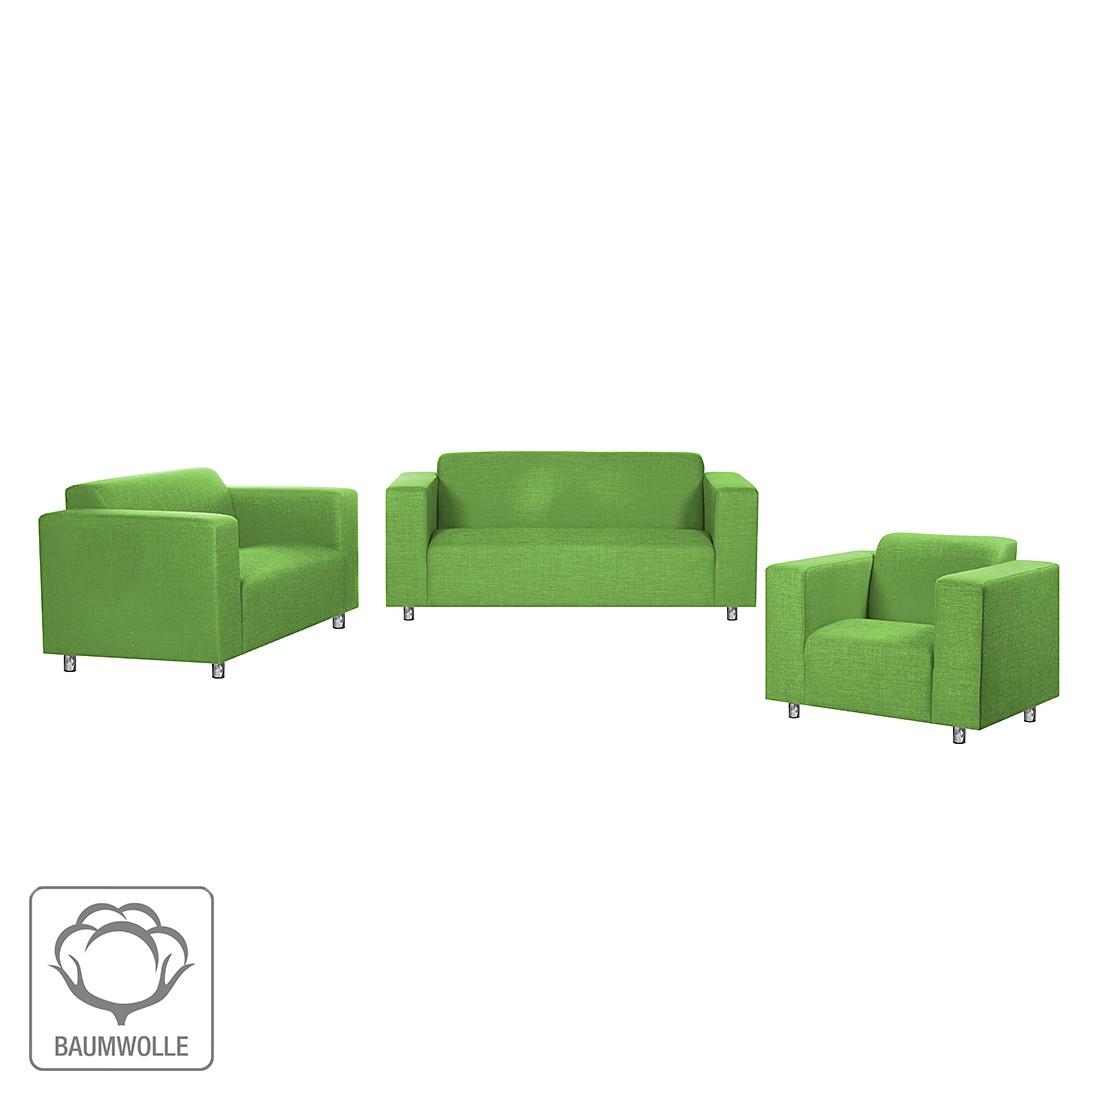 Polstergarnitur Oslo (3-2-1) – Baumwollstoff Grün, roomscape jetzt bestellen